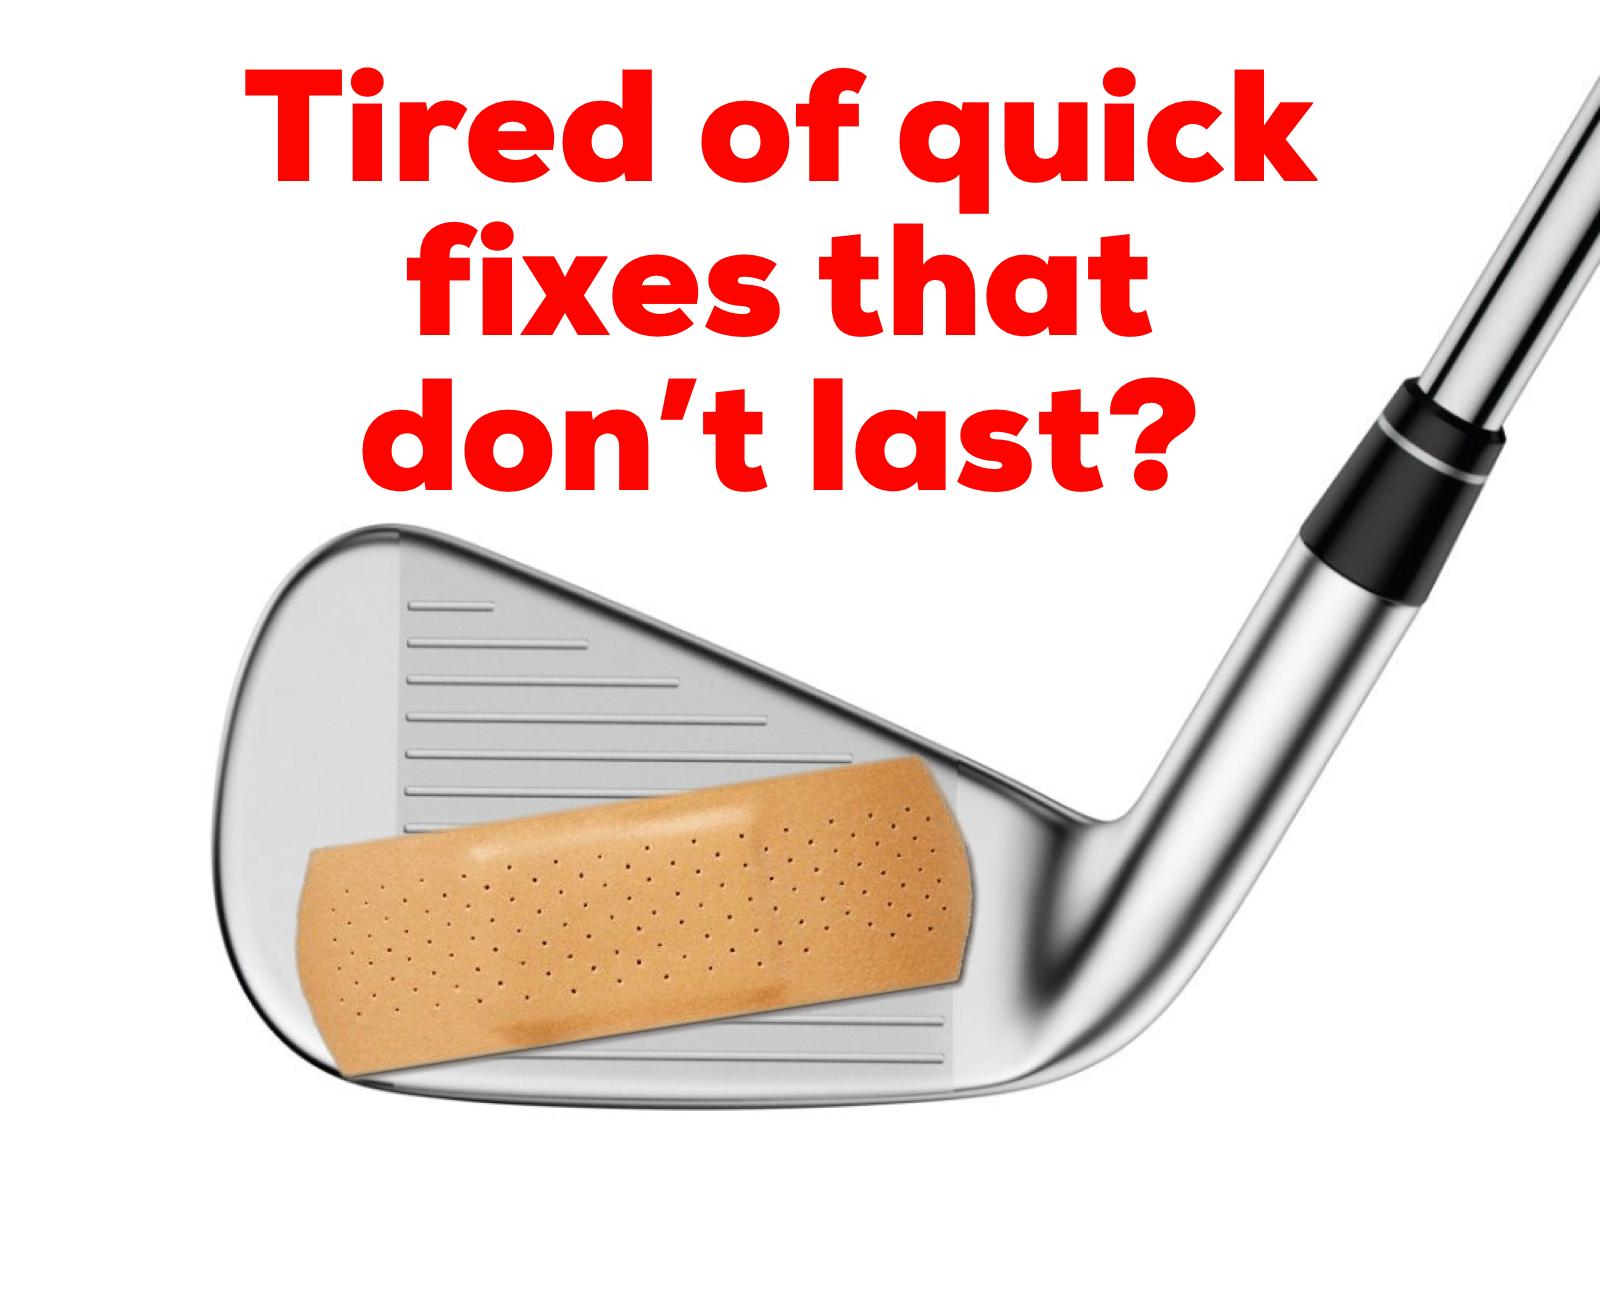 Quick Fixes Won't Last